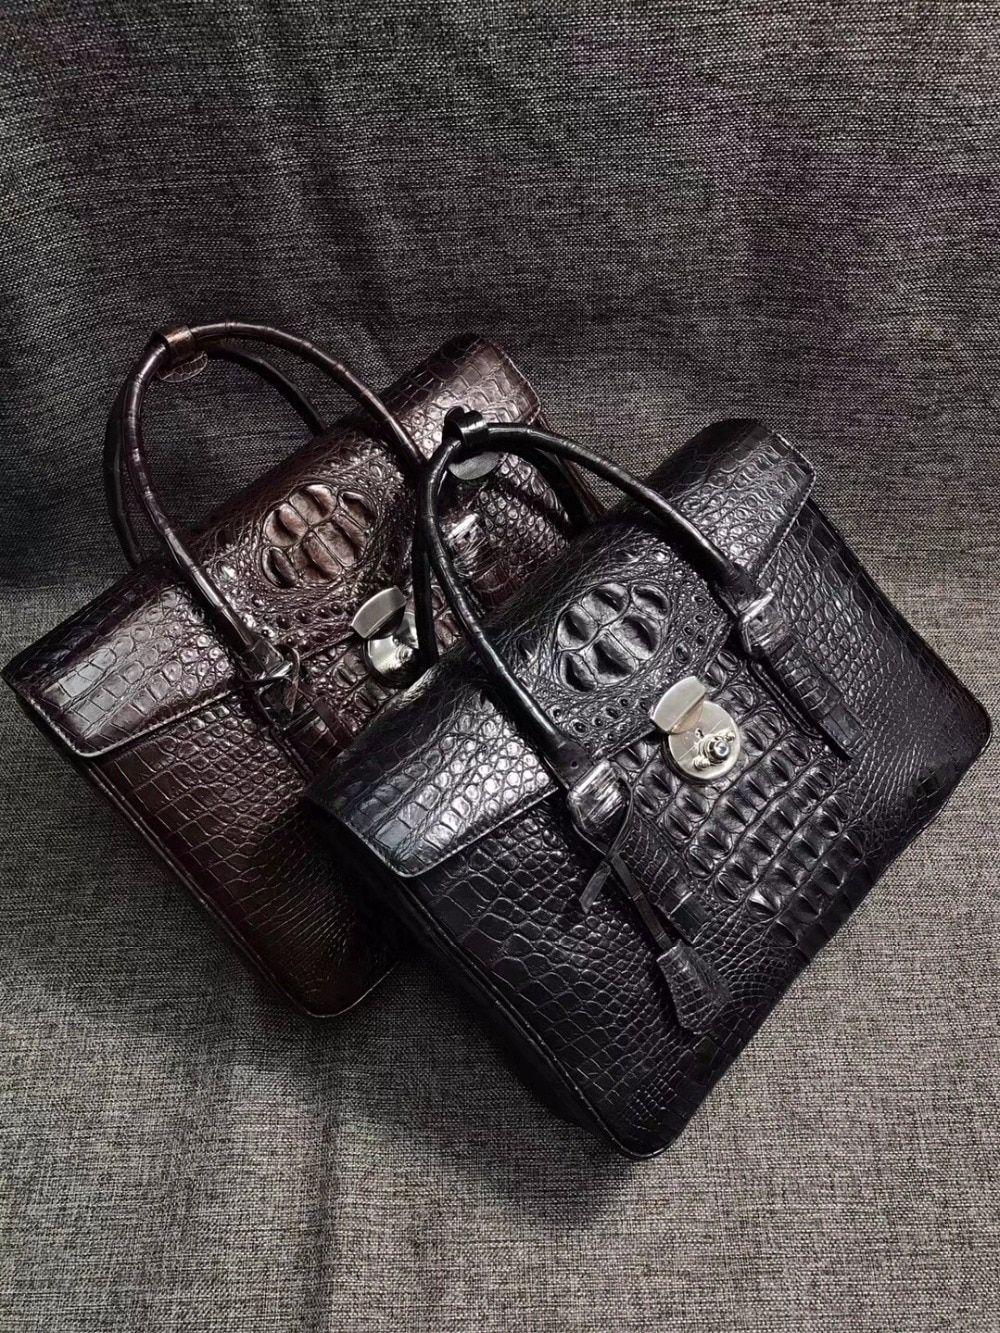 22e4596cf162 Натуральная кожа крокодила бизнесменов черный застежка для портфеля  застежка Сумочка с ручками сверху Мужская сумка из